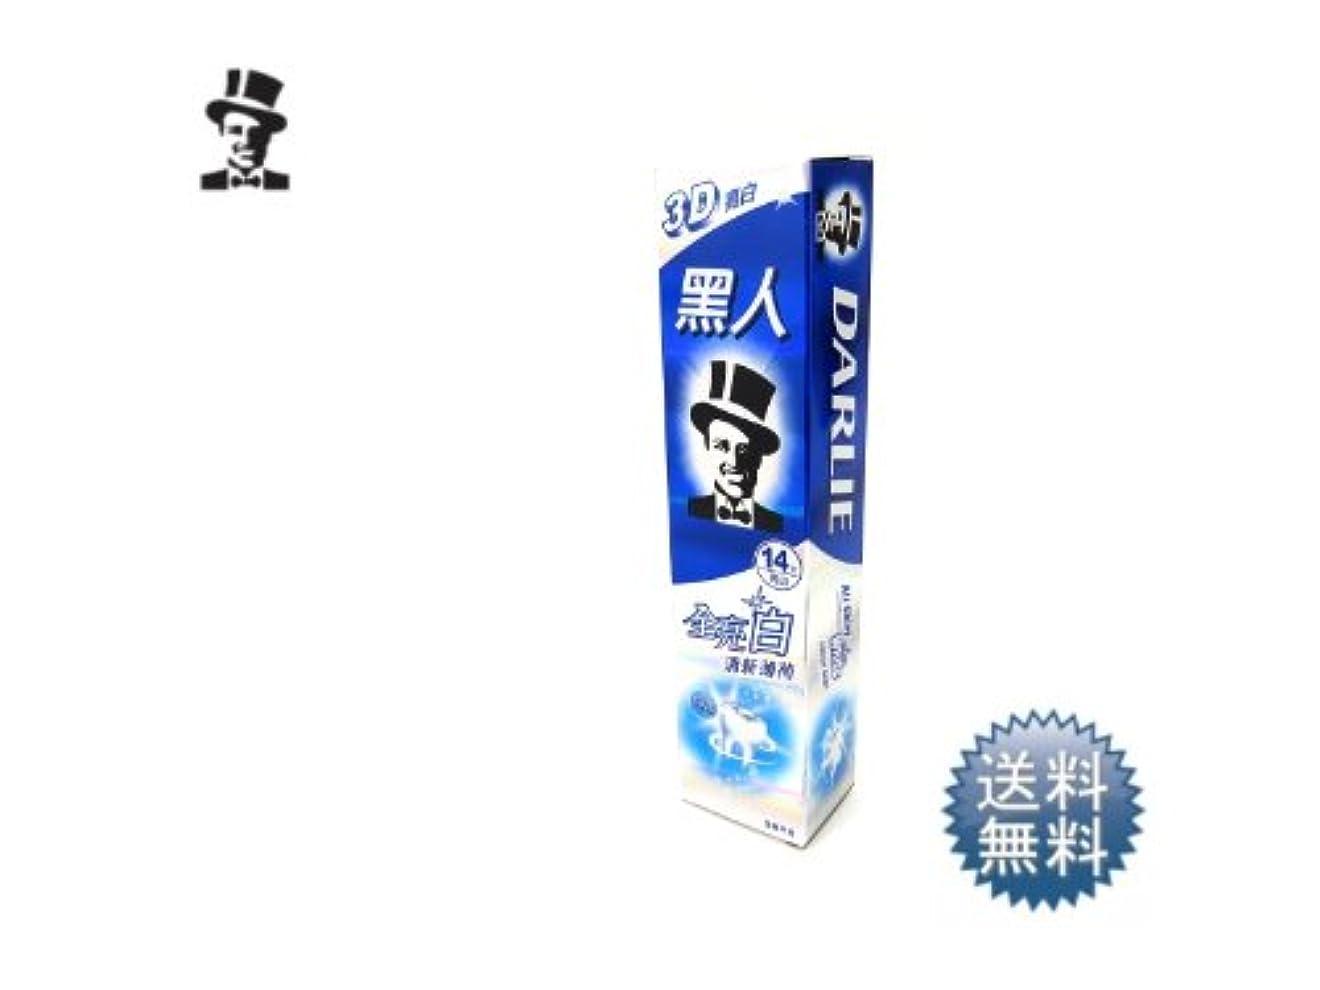 デコレーション最も討論台湾 黒人 歯磨き粉 全亮白 清新薄荷 140g